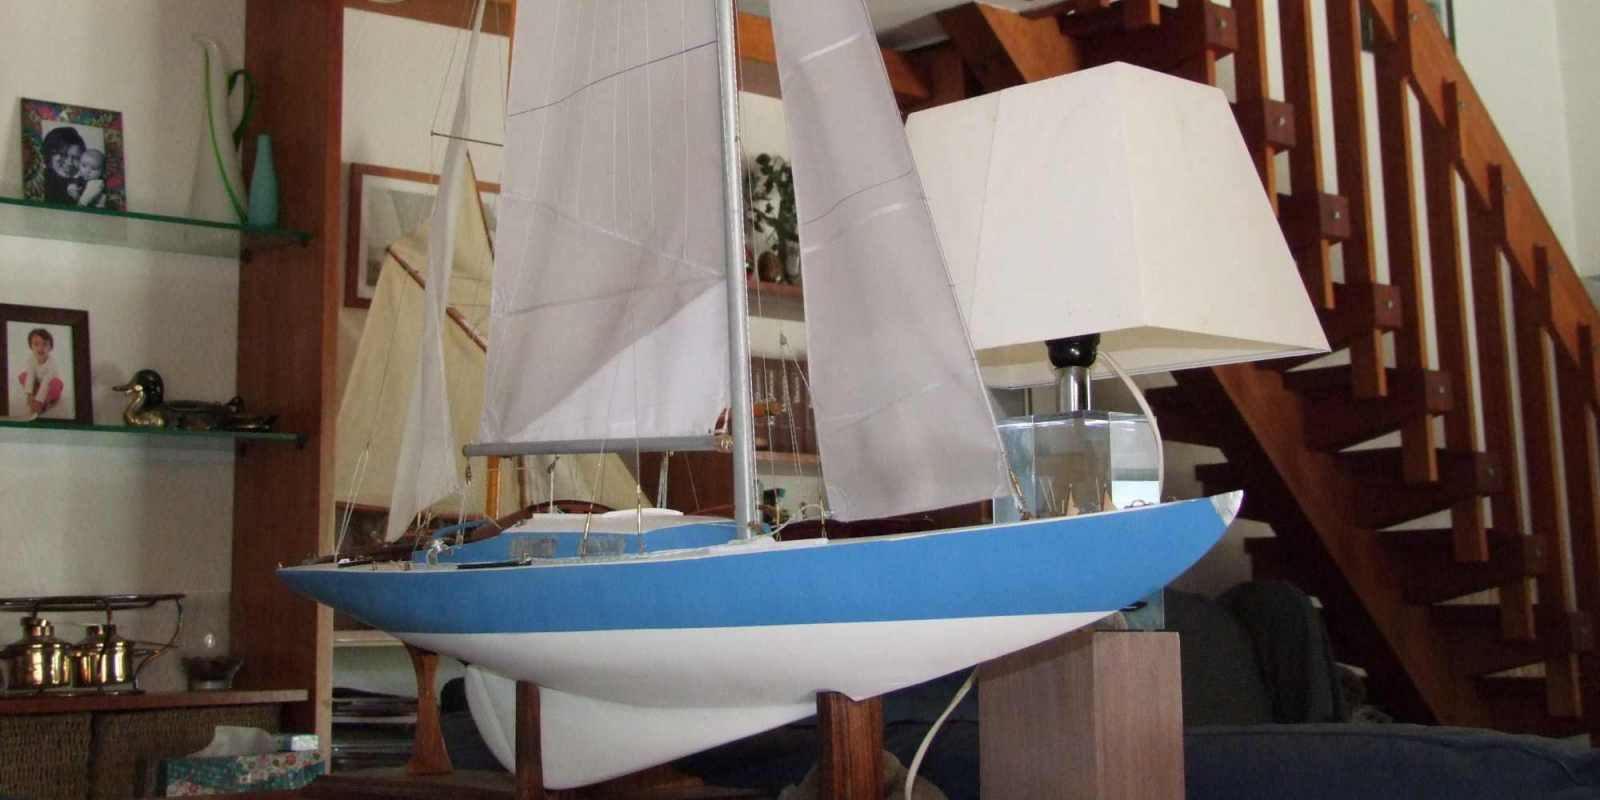 Maquette de Requin Bateau de plaisance et de régate Voilier